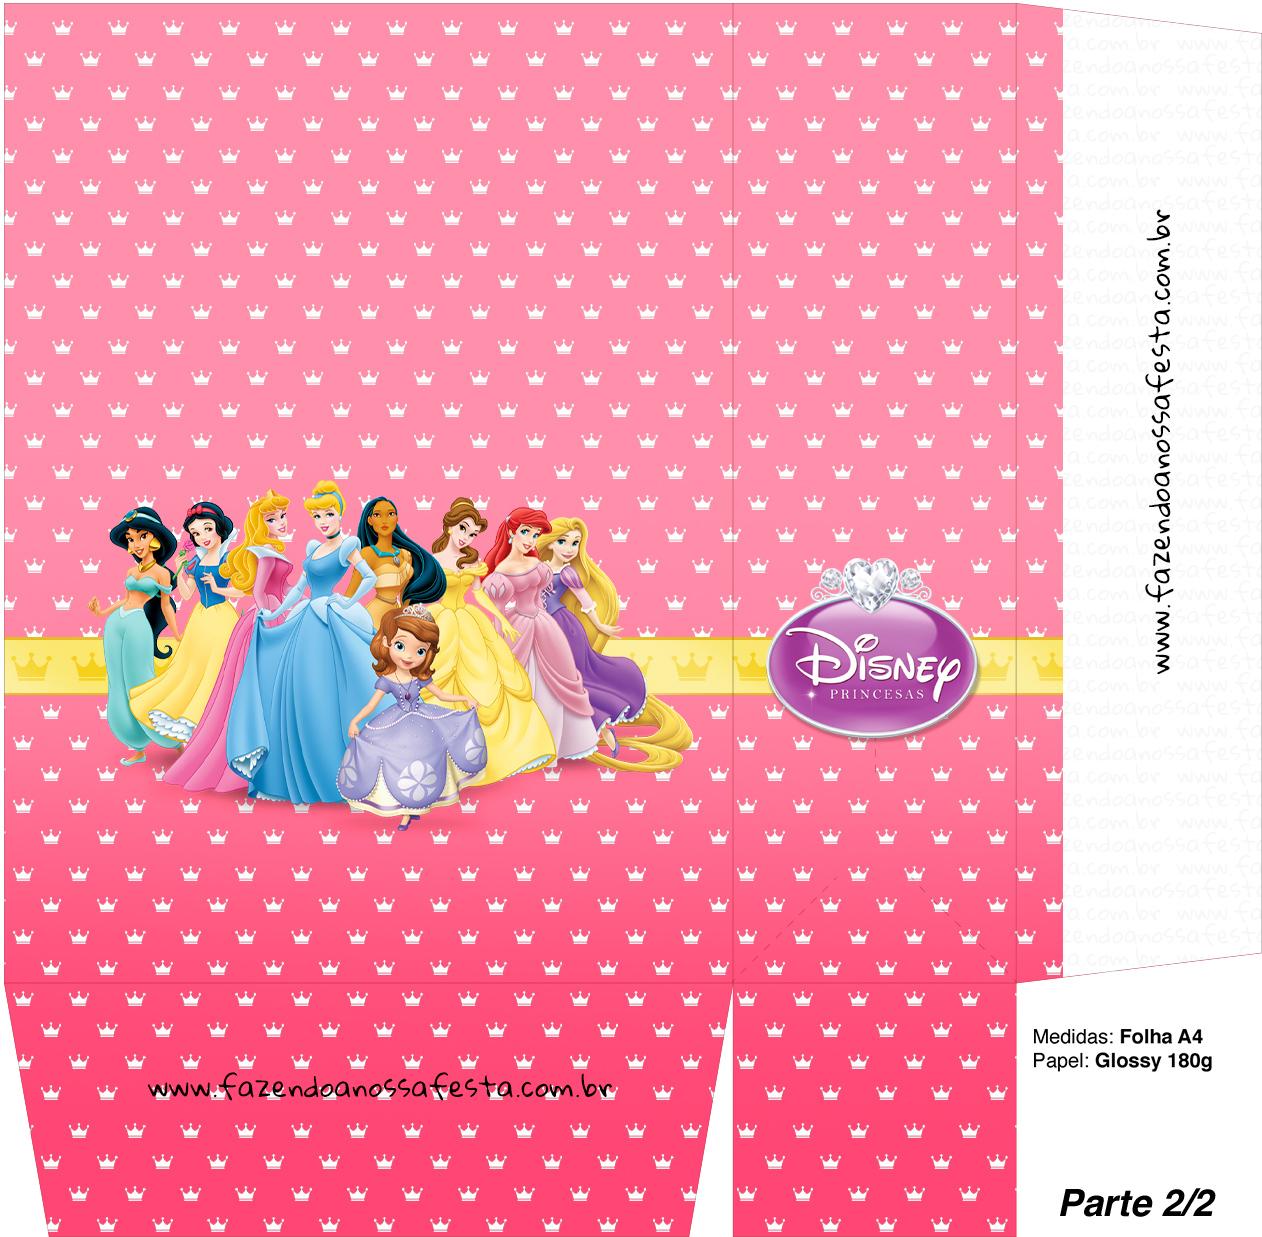 Sacolinha Lembrancinha Princesas da Disney A4 - Parte 2